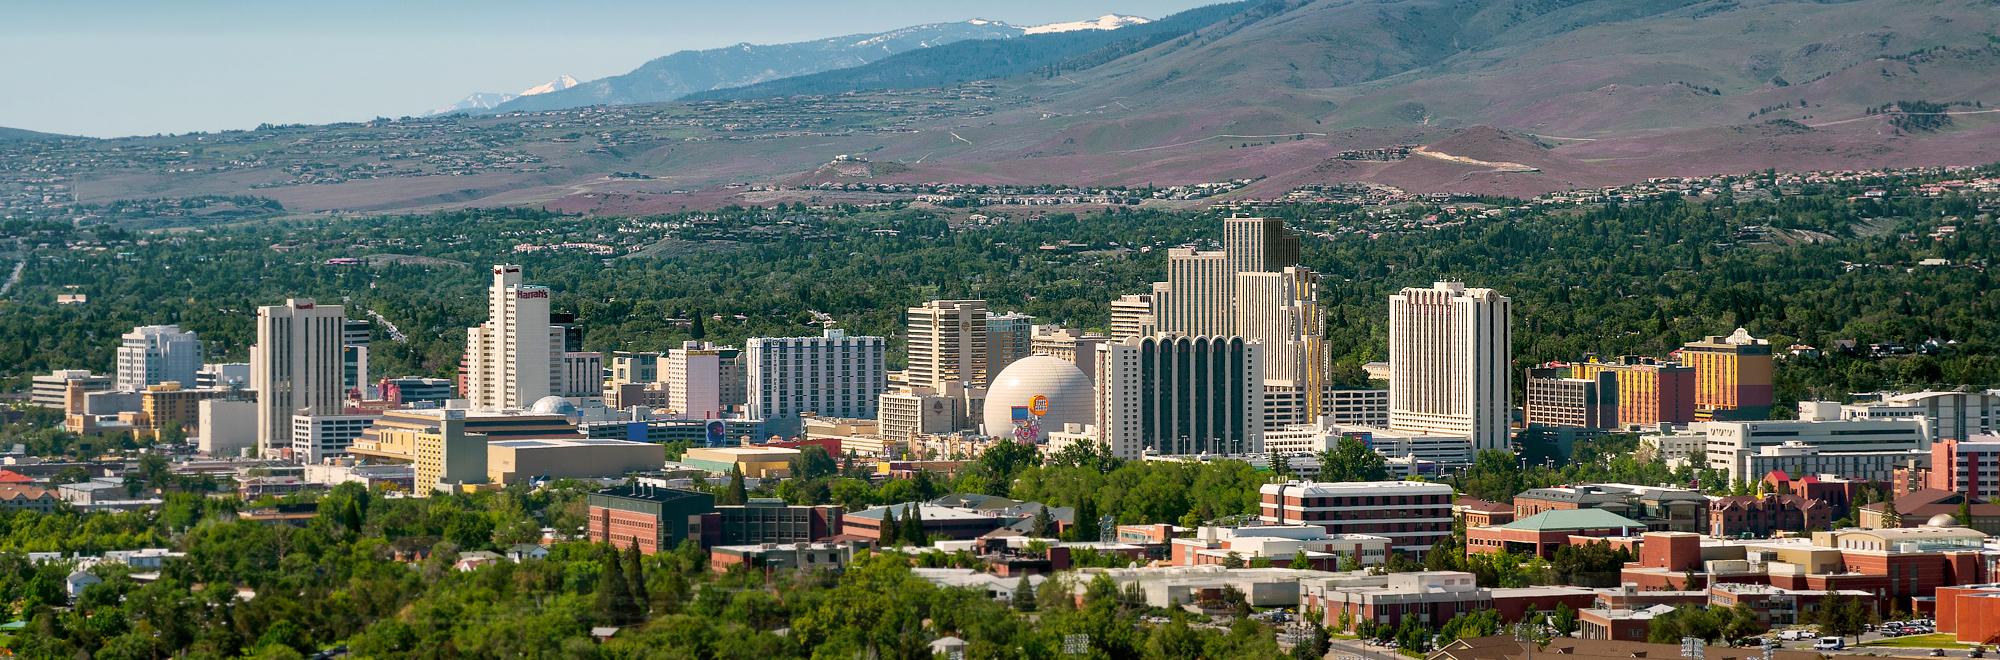 City of Reno Nevada